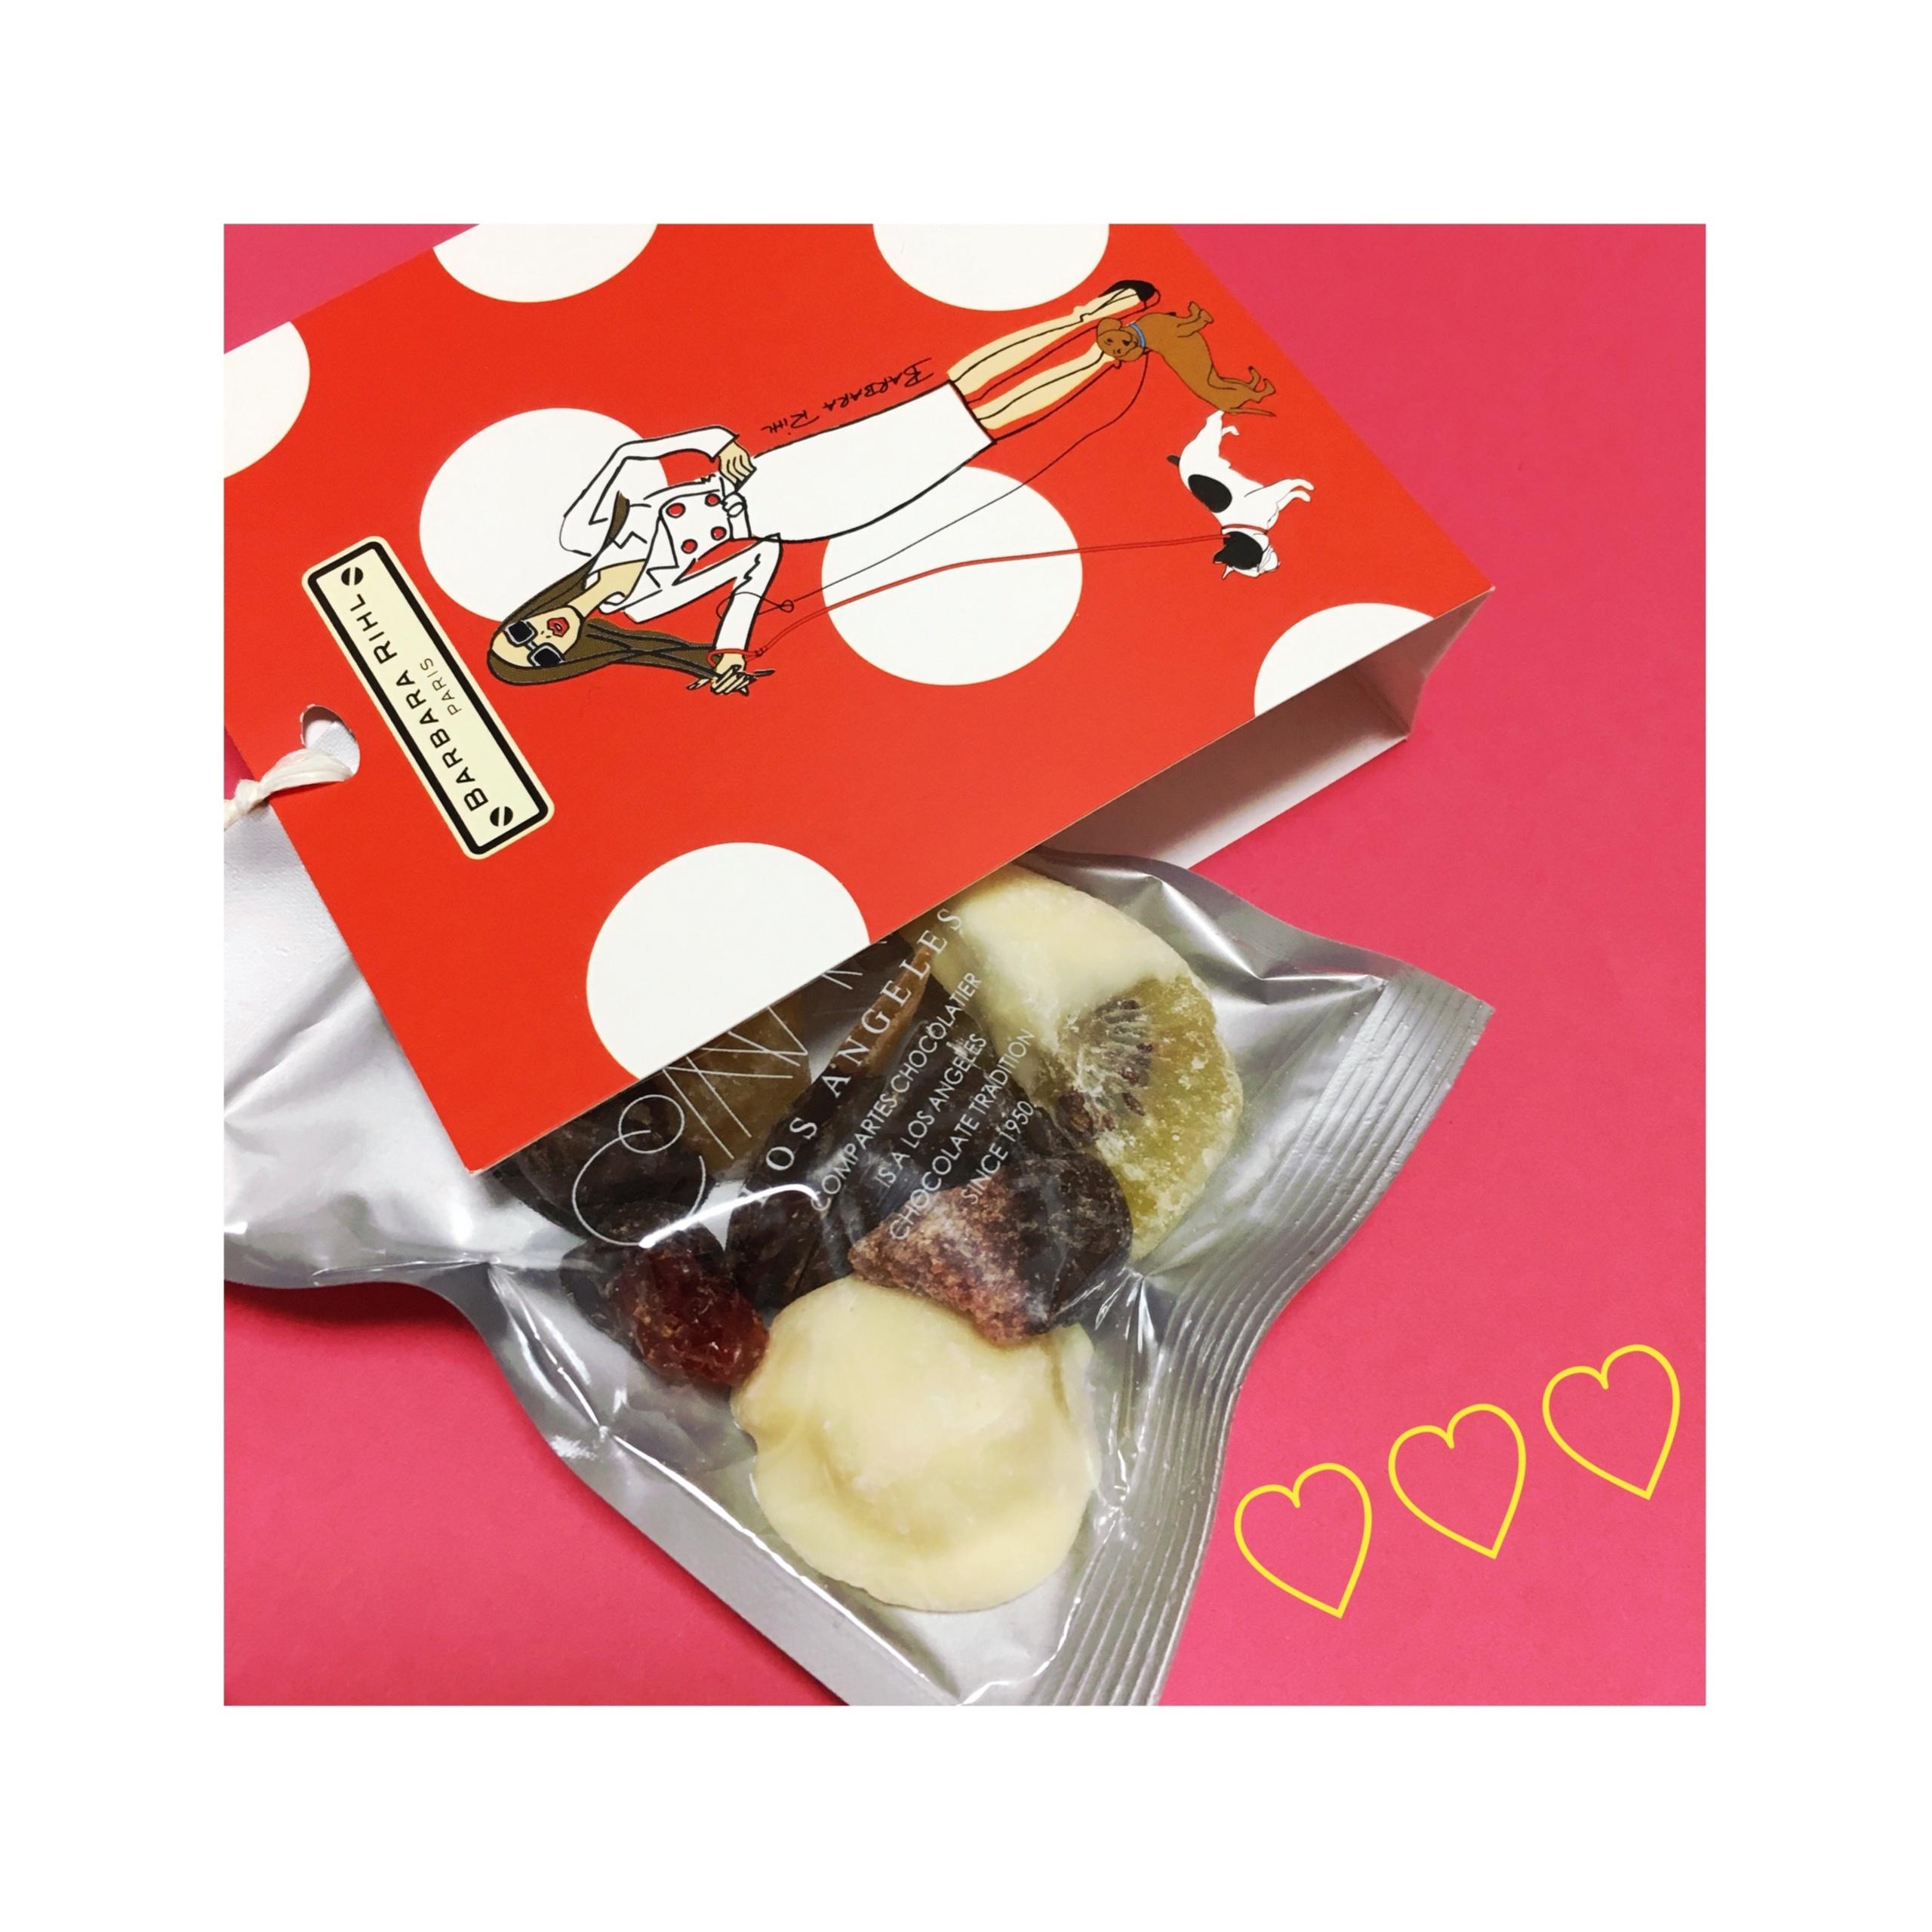 《予算¥648以内?!驚きのコスパ★》LA発チョコレート【コンパーテス】×【VIA BUS STOP】のバレンタイン限定商品が可愛すぎるっ❤️_3